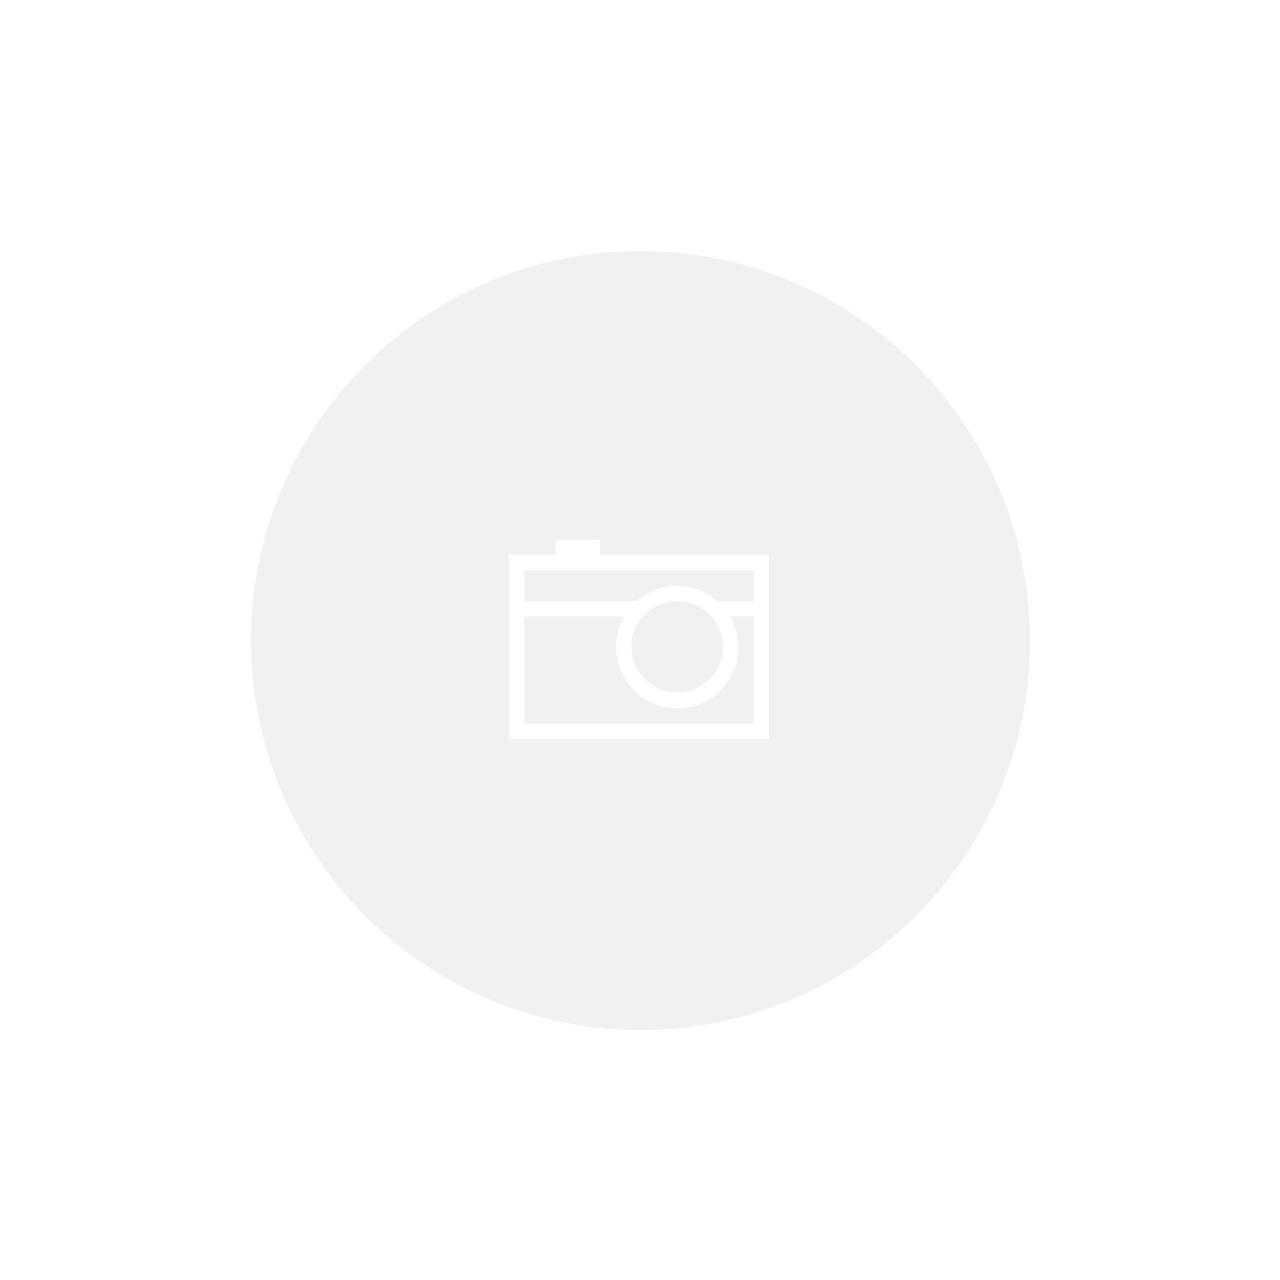 Filtro de ar Inbox BMC Air Filter para Mercedes Benz ML 320 CDI